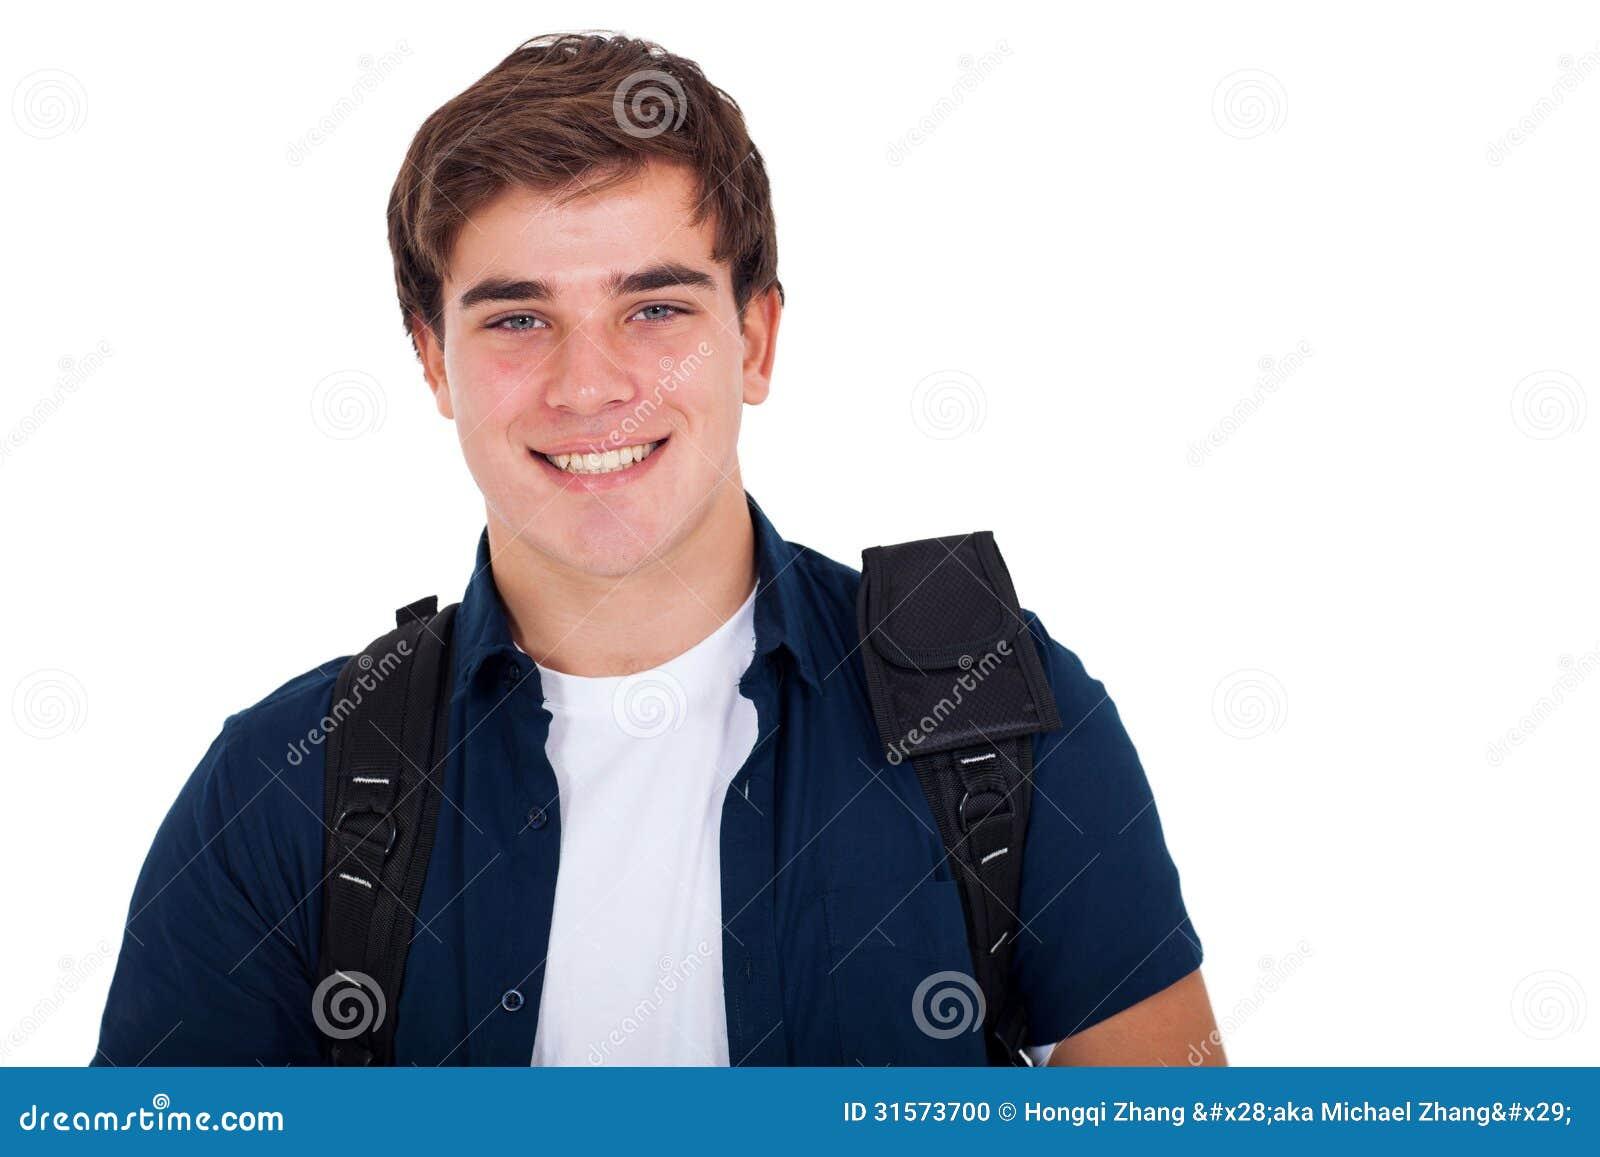 Imagen de modelo bastante adolescente